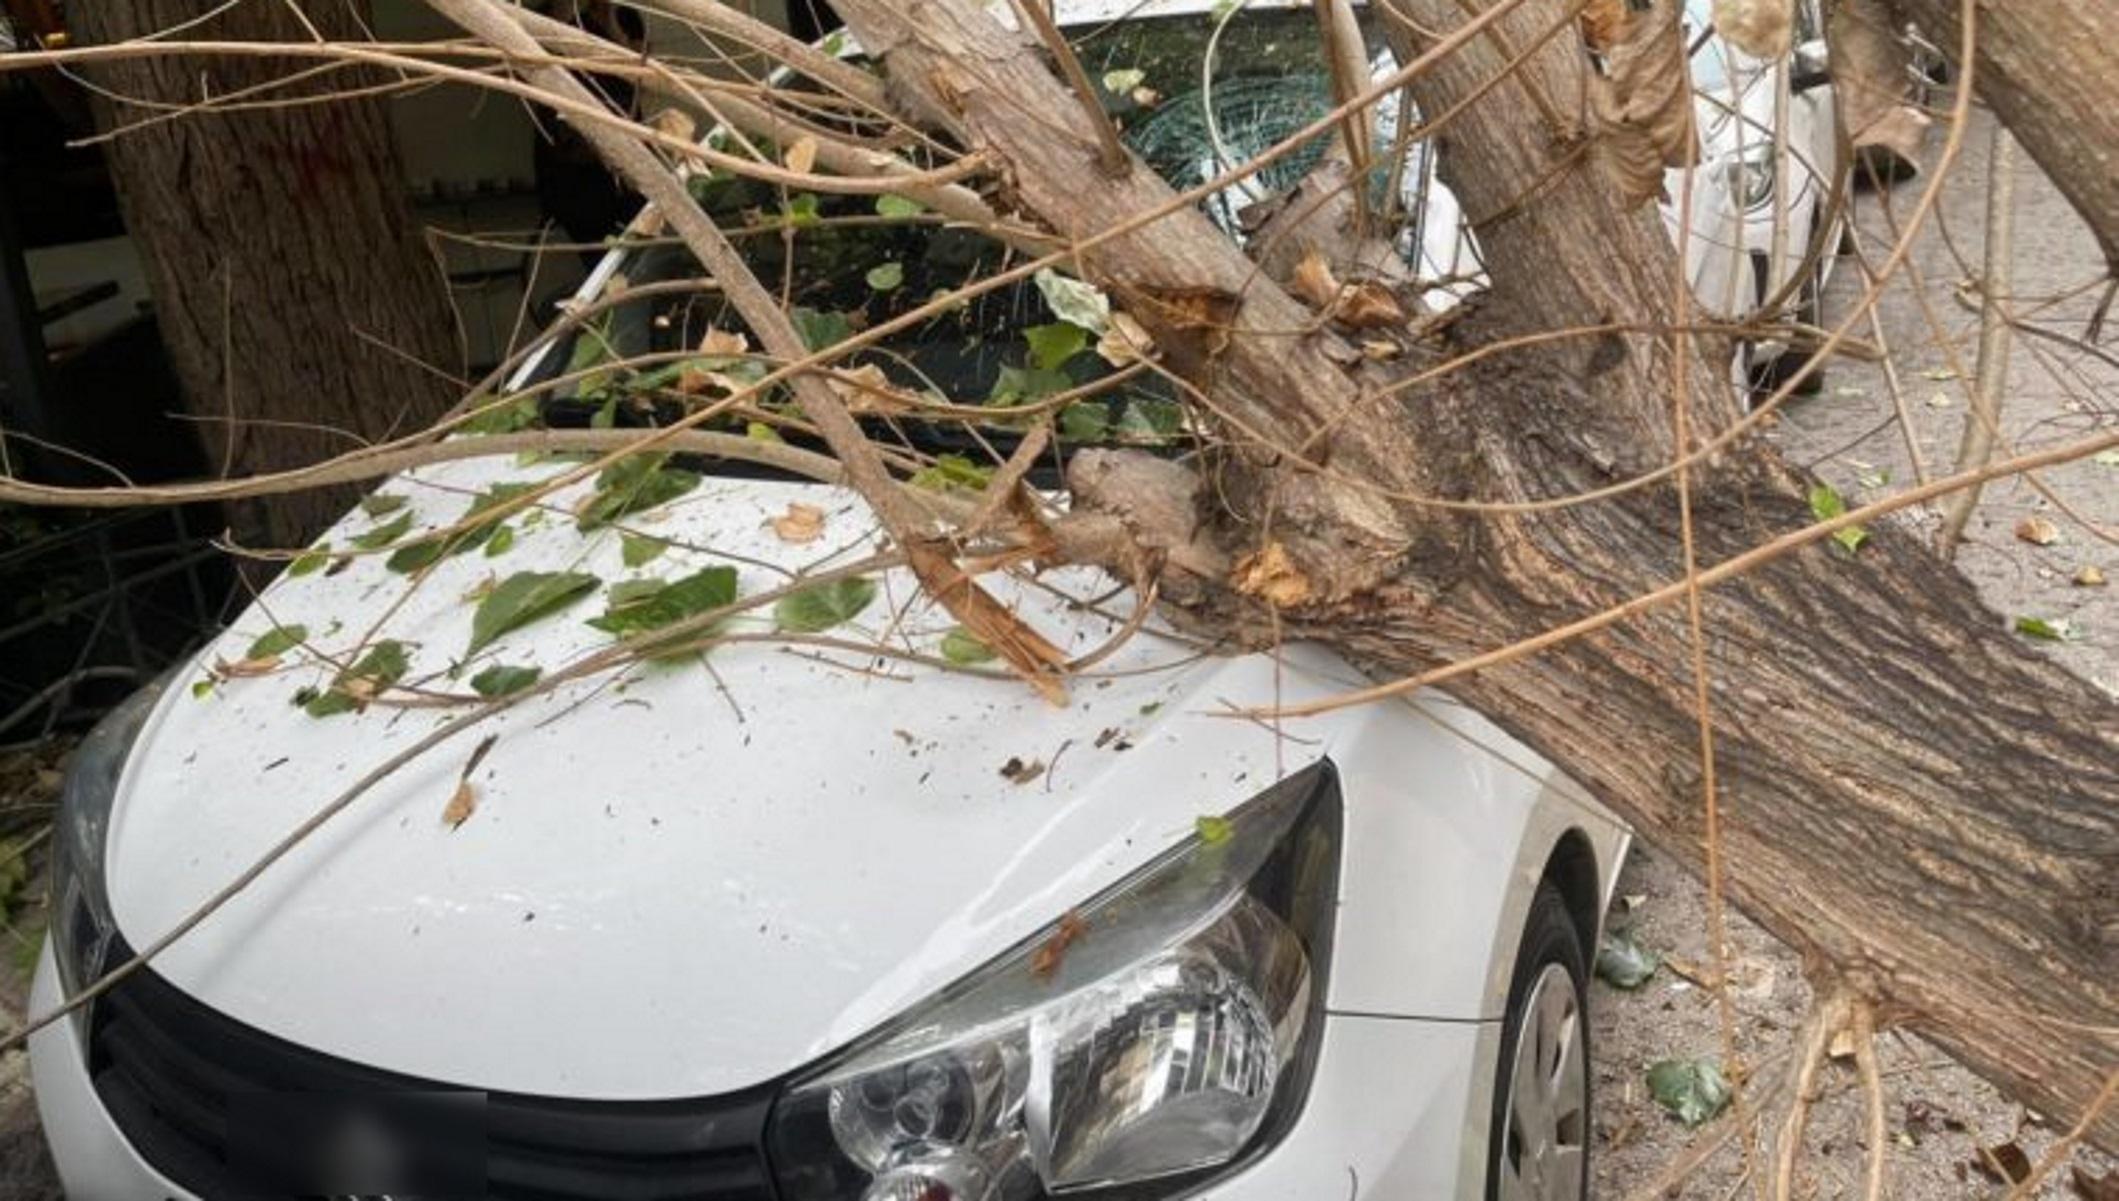 Παγκράτι: Δέντρο «προσγειώθηκε» σε παρκαρισμένο αυτοκίνητο – Η πτώση που τρόμαξε κόσμο